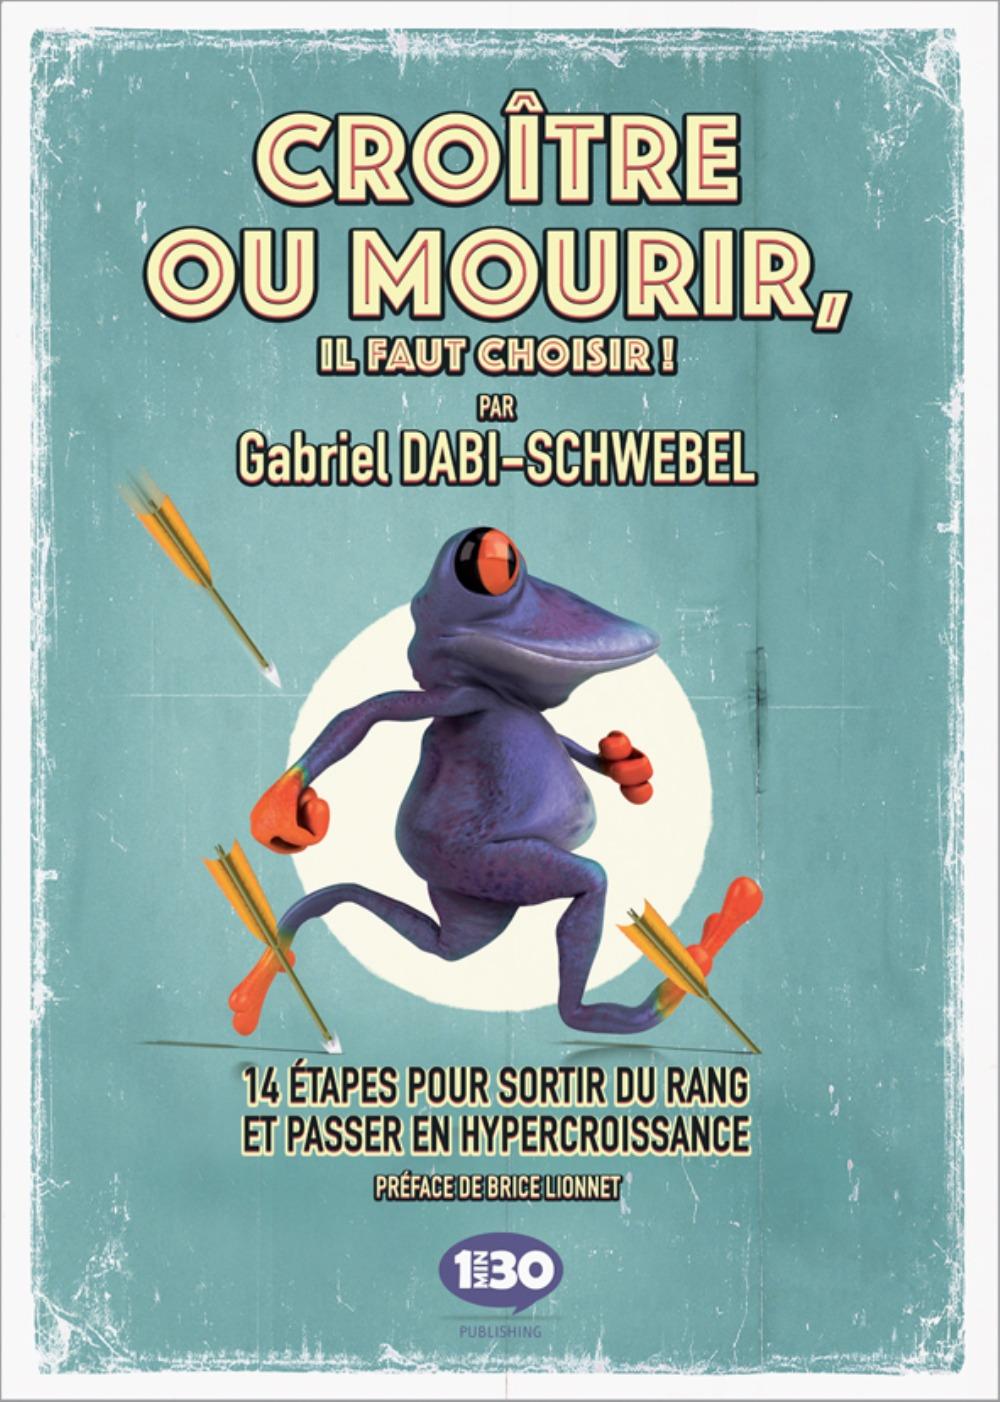 CROITRE OU MOURIR. IL FAUT CHOISIR ! 14 ETAPES POUR PASSER EN HYPERCROISSANCE